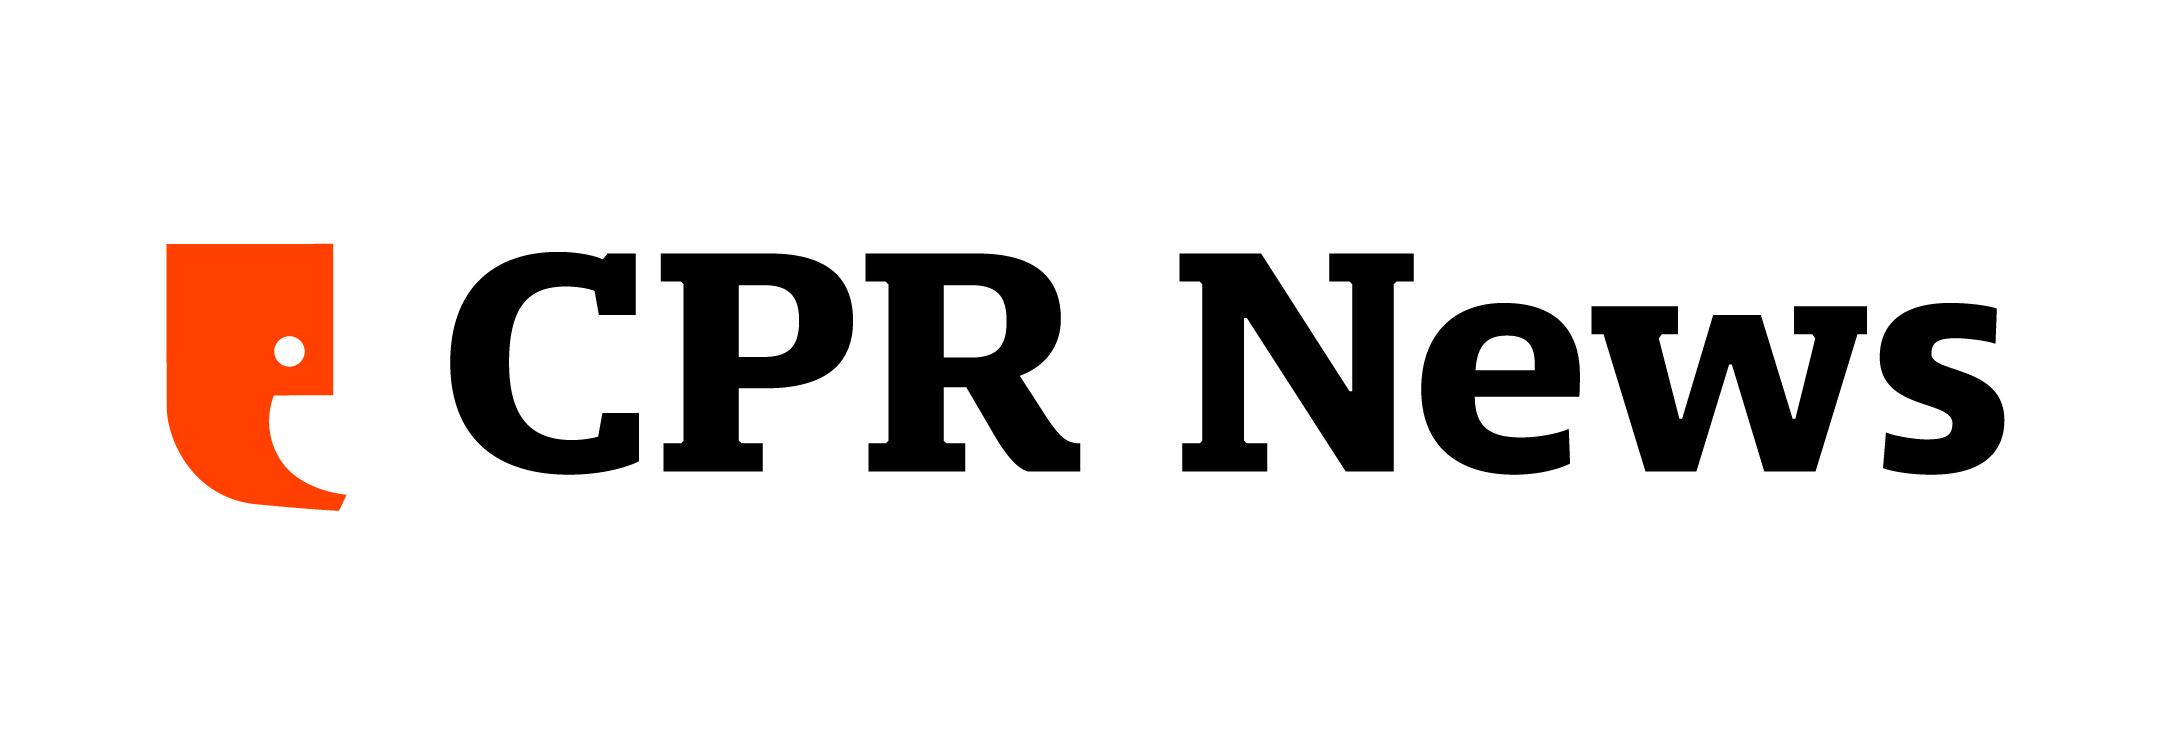 CPR NEWs Logo